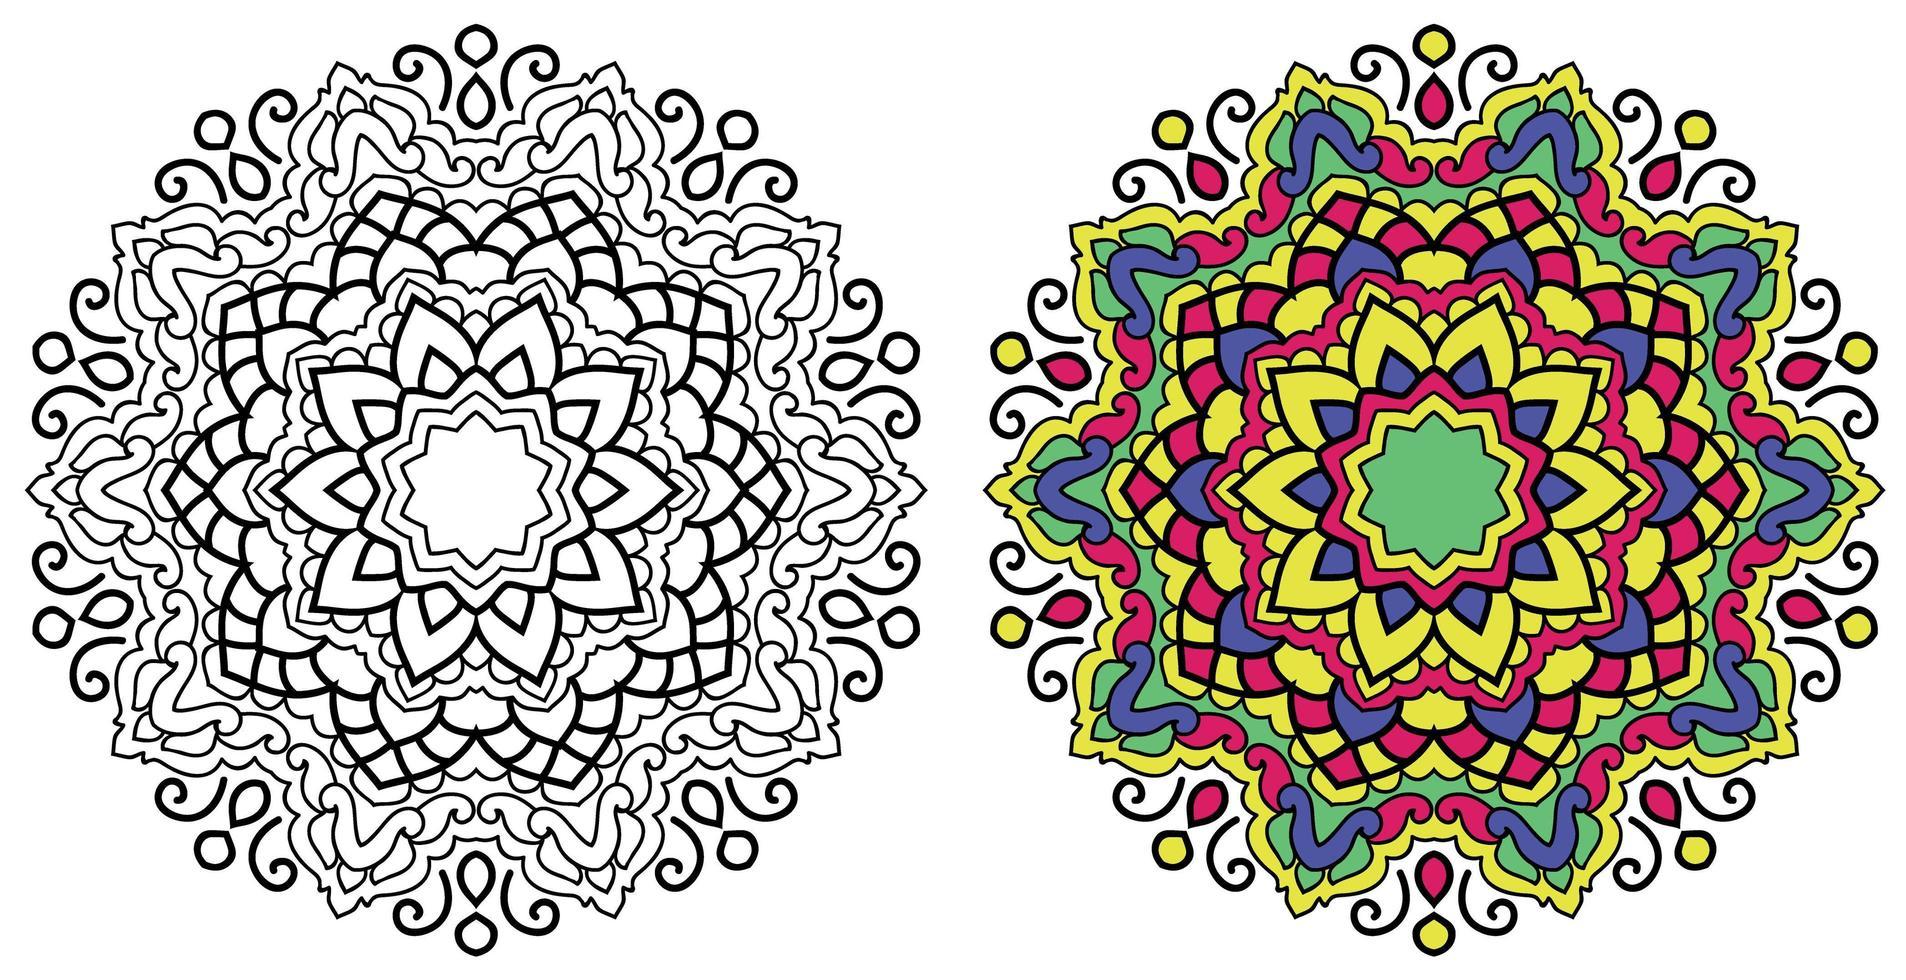 desenho de mandala para colorir decorativo arredondado decorativo página de livro para colorir vetor